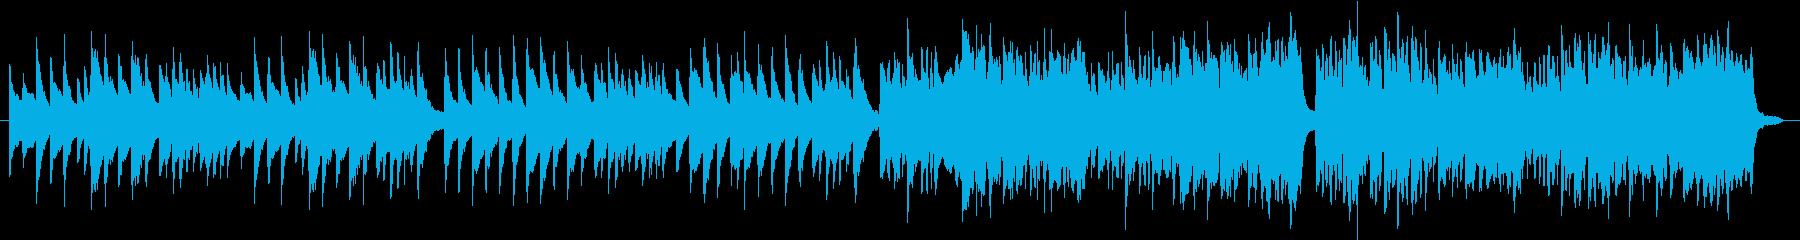 お正月の歌「一月一日」(琴,笛)の再生済みの波形